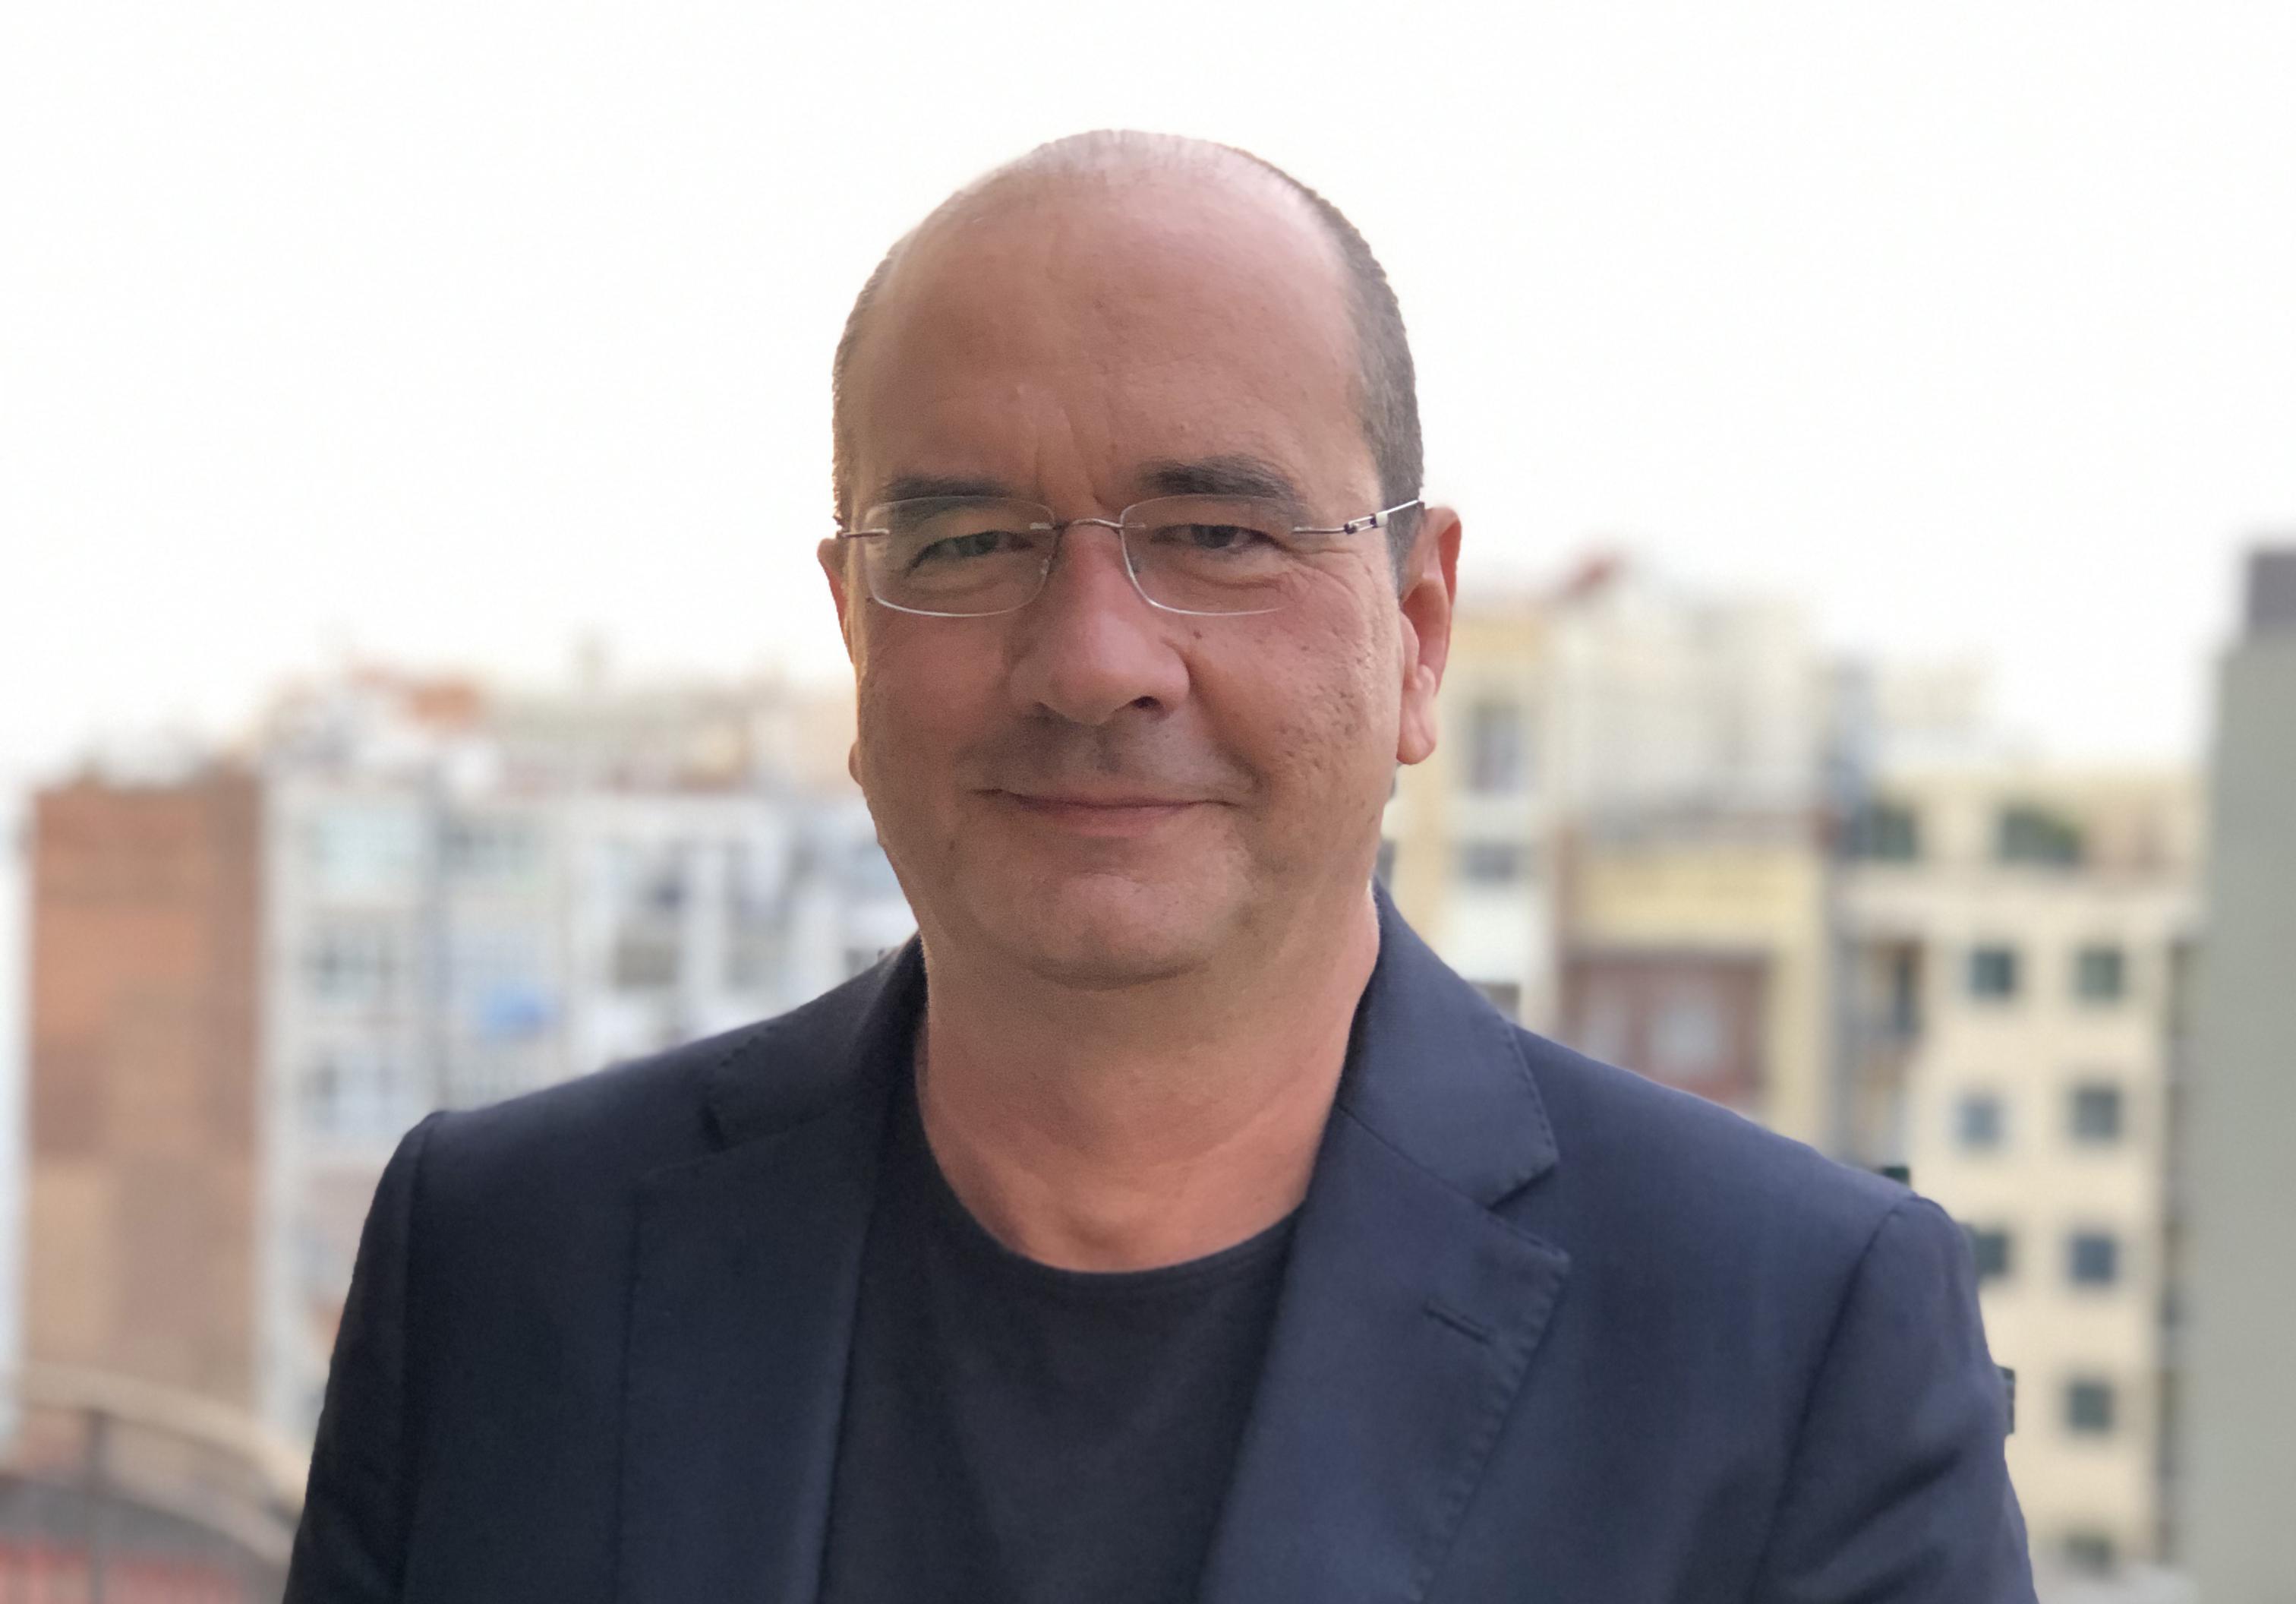 Antonio Delgado Rigal